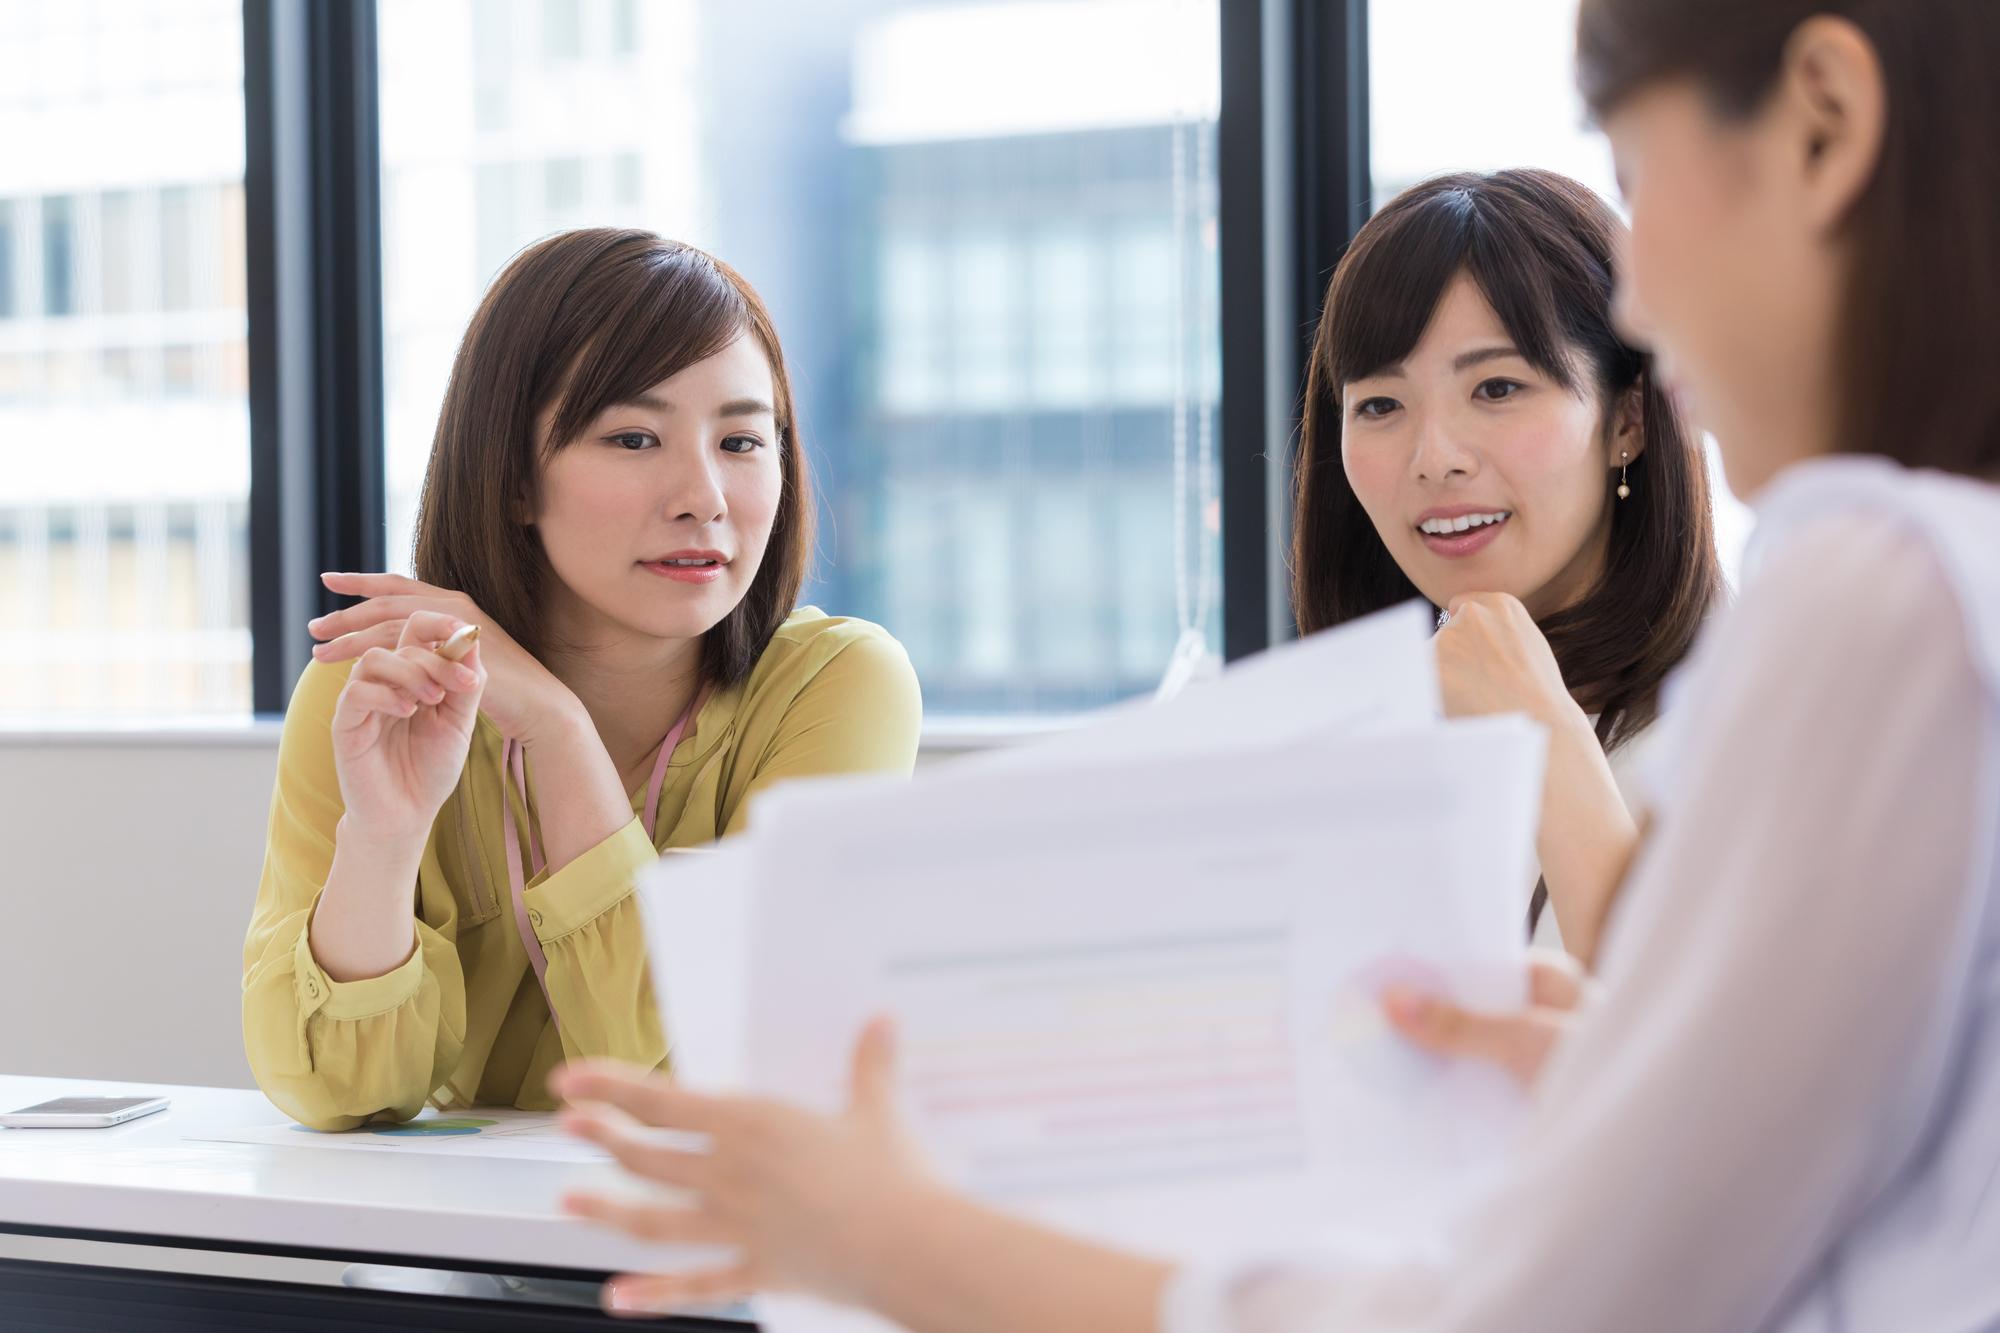 バックオフィスの業務効率化が求められる背景